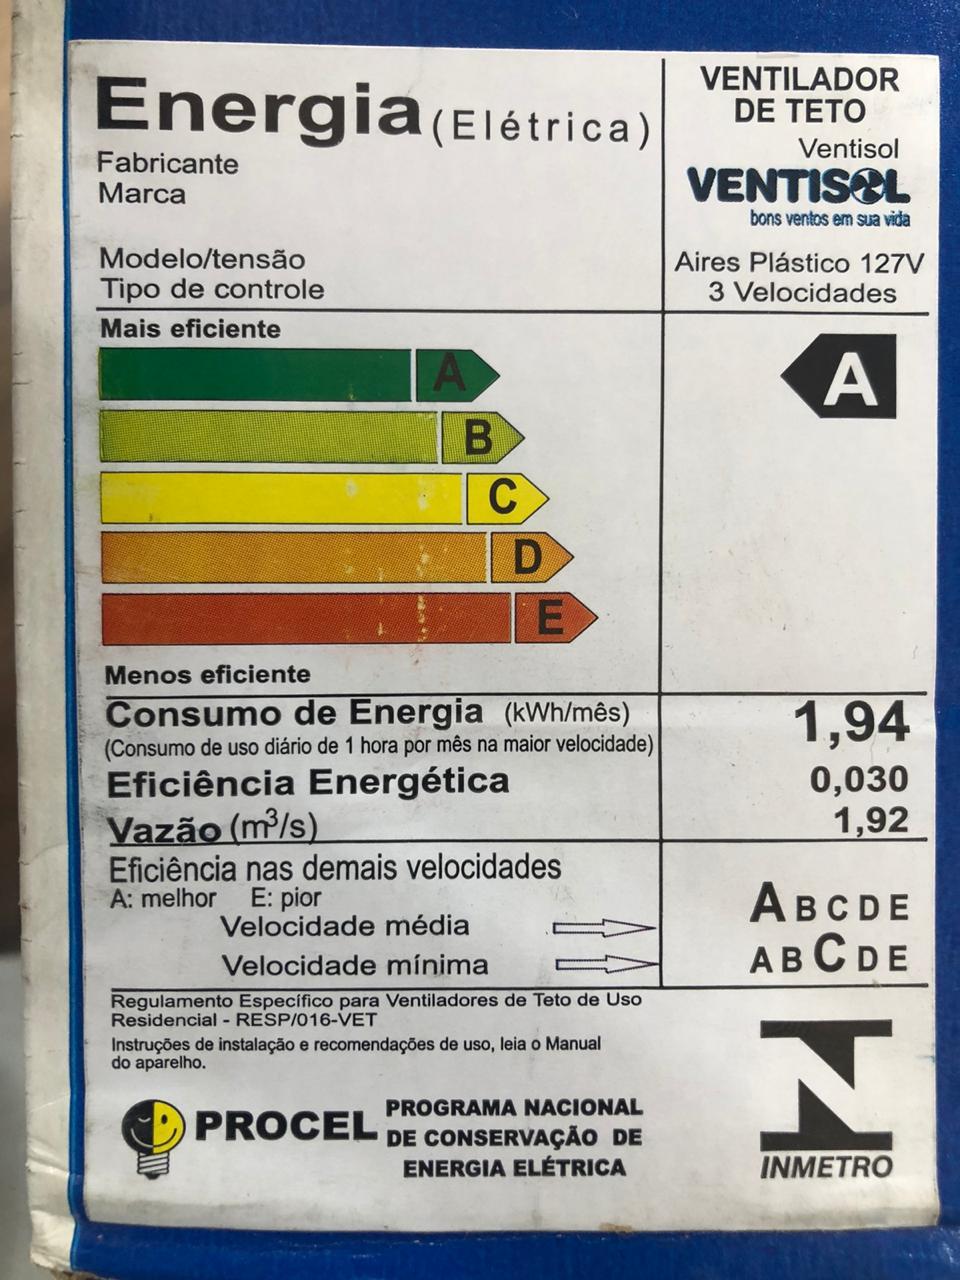 Ventilador de Teto Aires Branco Led Ventisol - 127V